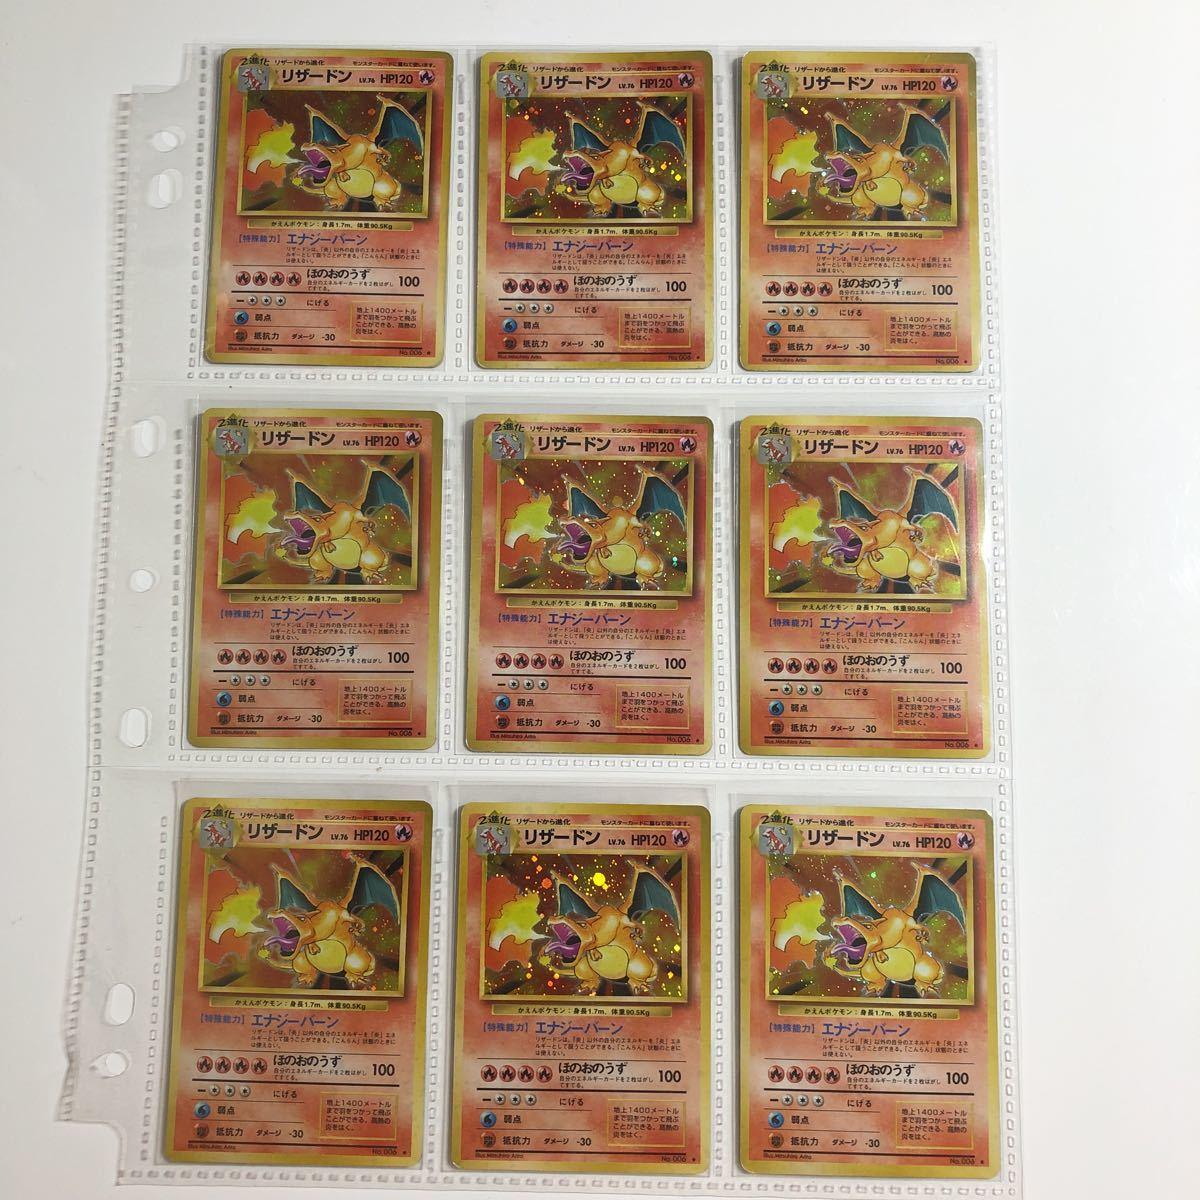 ワンオーナー品 ポケモンカード リザードン 9枚セット HP120 旧裏面 旧裏 初版 かいりき charizard Pokemon cards set of 9 PSA10